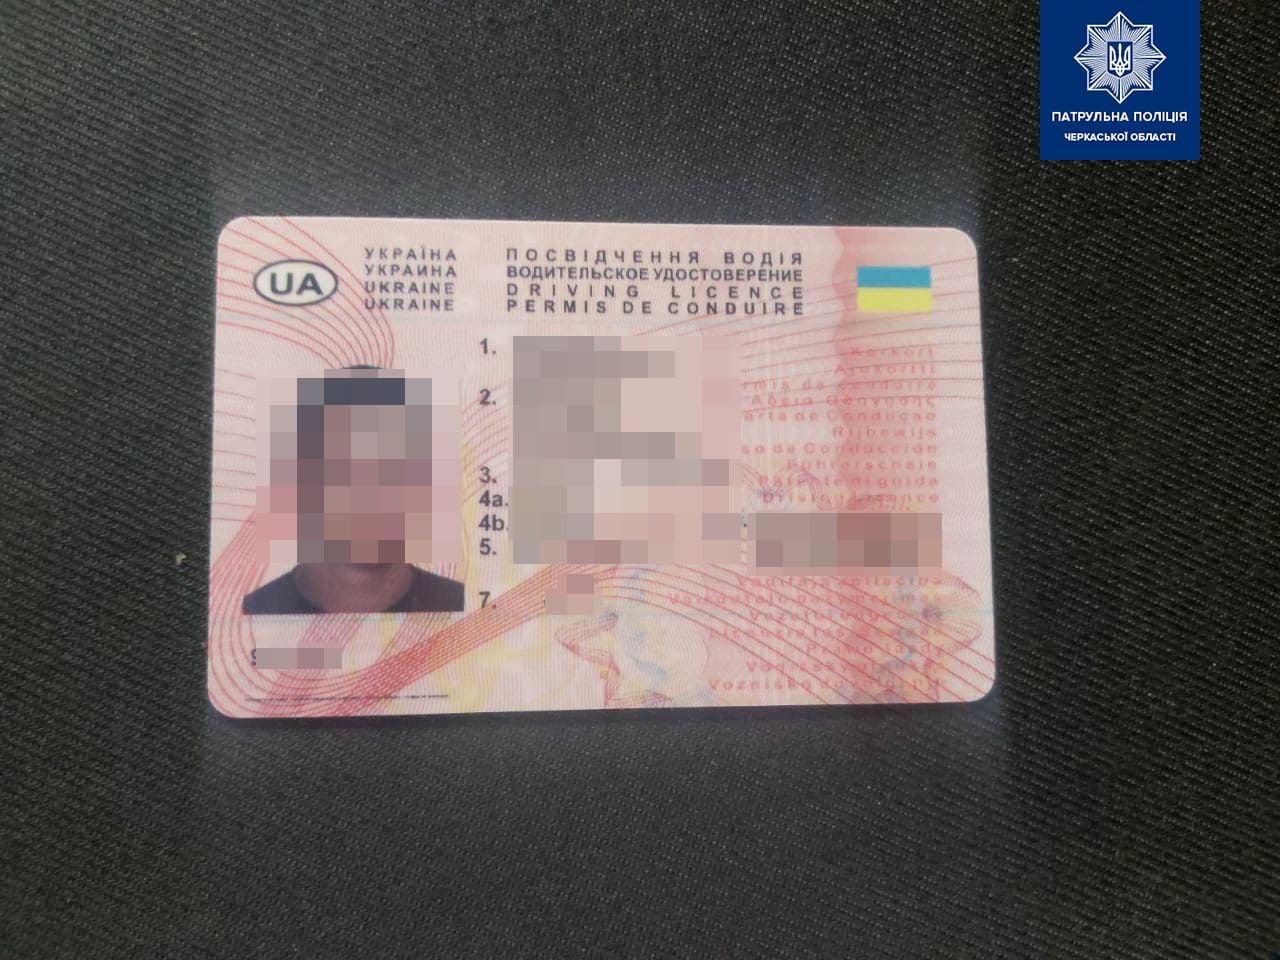 На Черкащині виявили водія з підробленим посвідченням